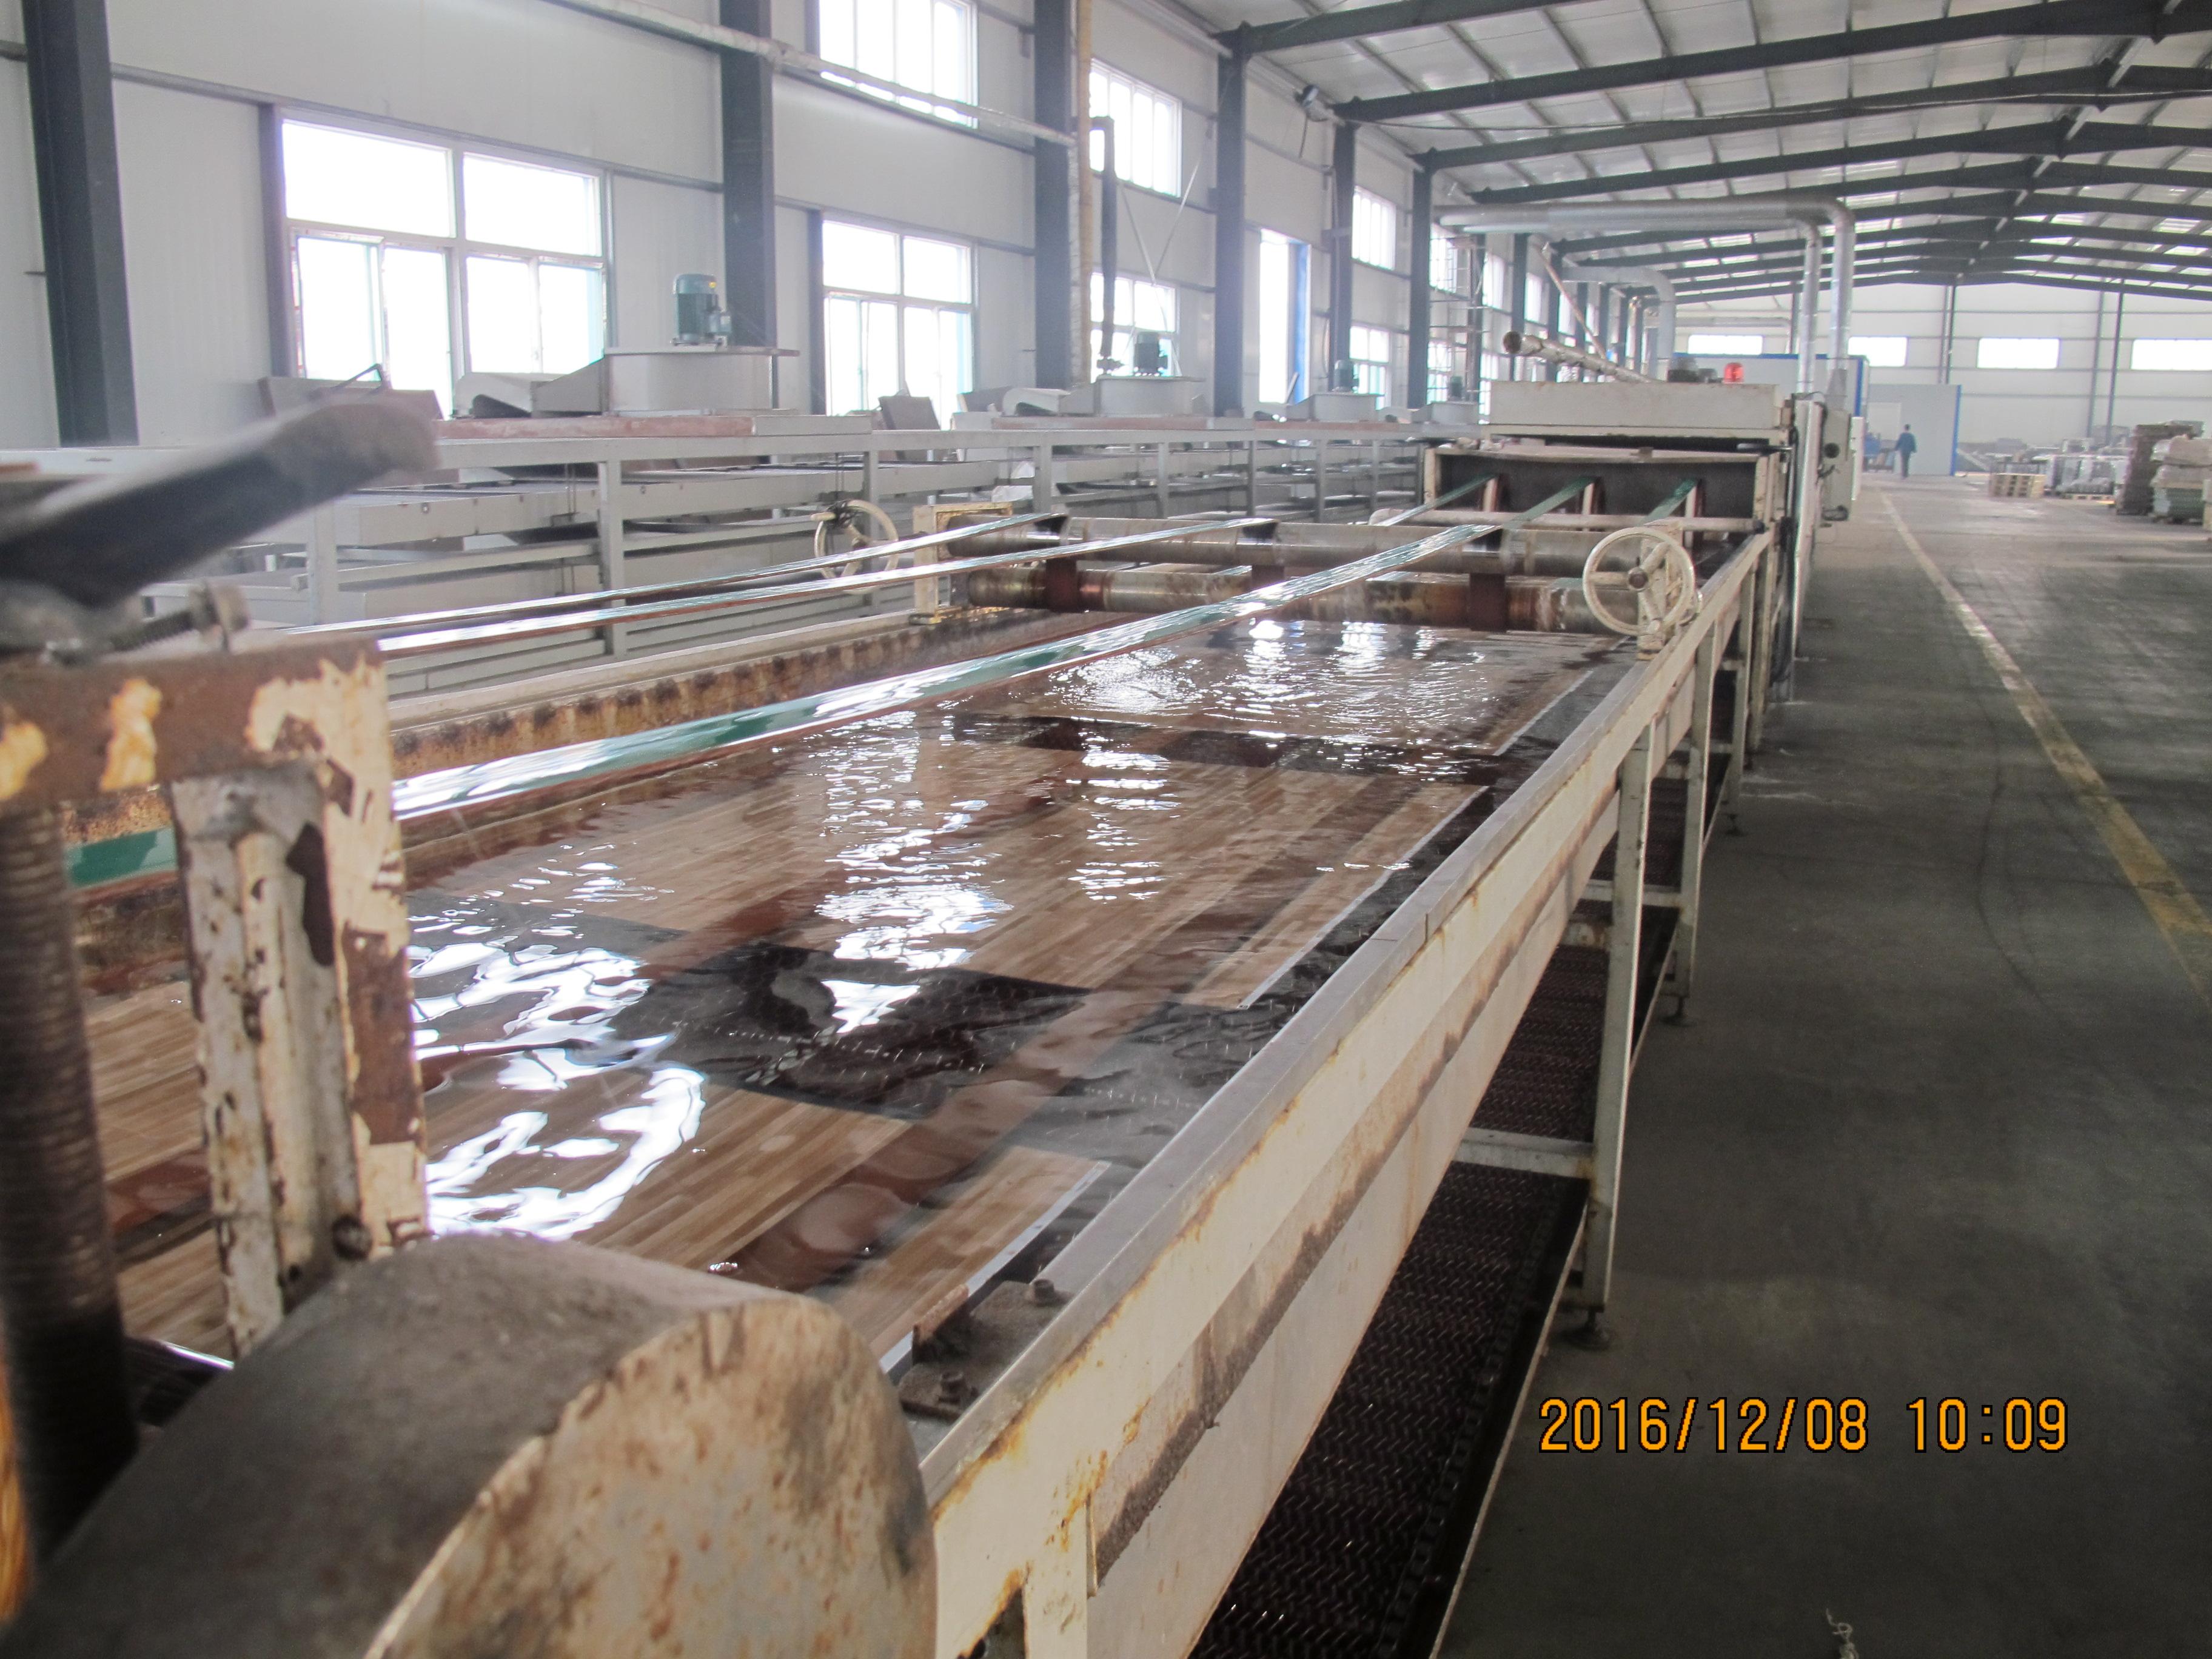 Finden Sie Hohe Qualität Schimmernden Linoleumboden Hersteller Und